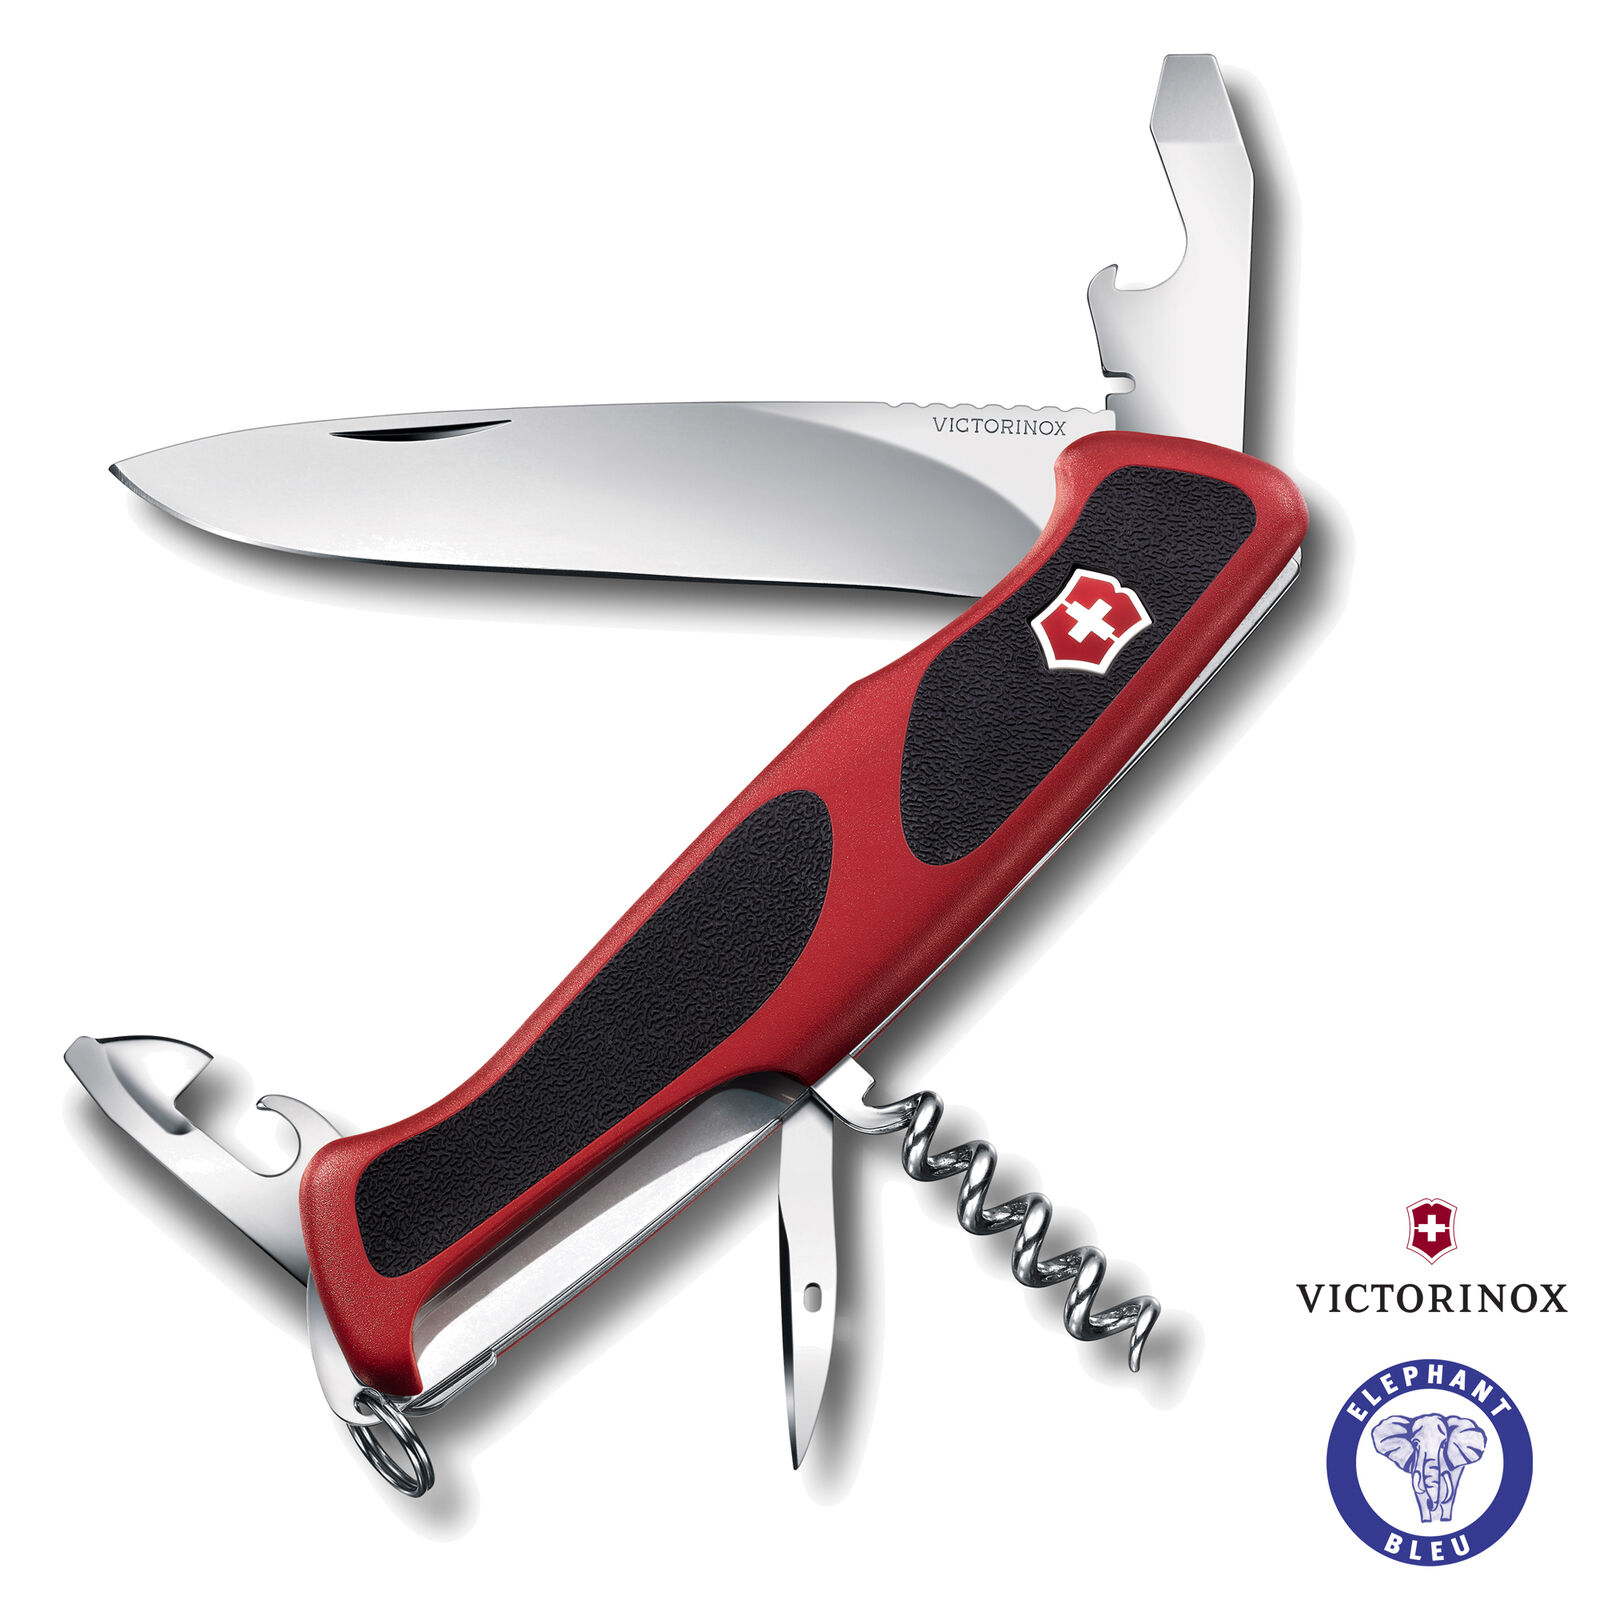 Victorinox RangerGrip 68 Taschenmesser Multitool 11 Funktionen 130mm  0.9553.C